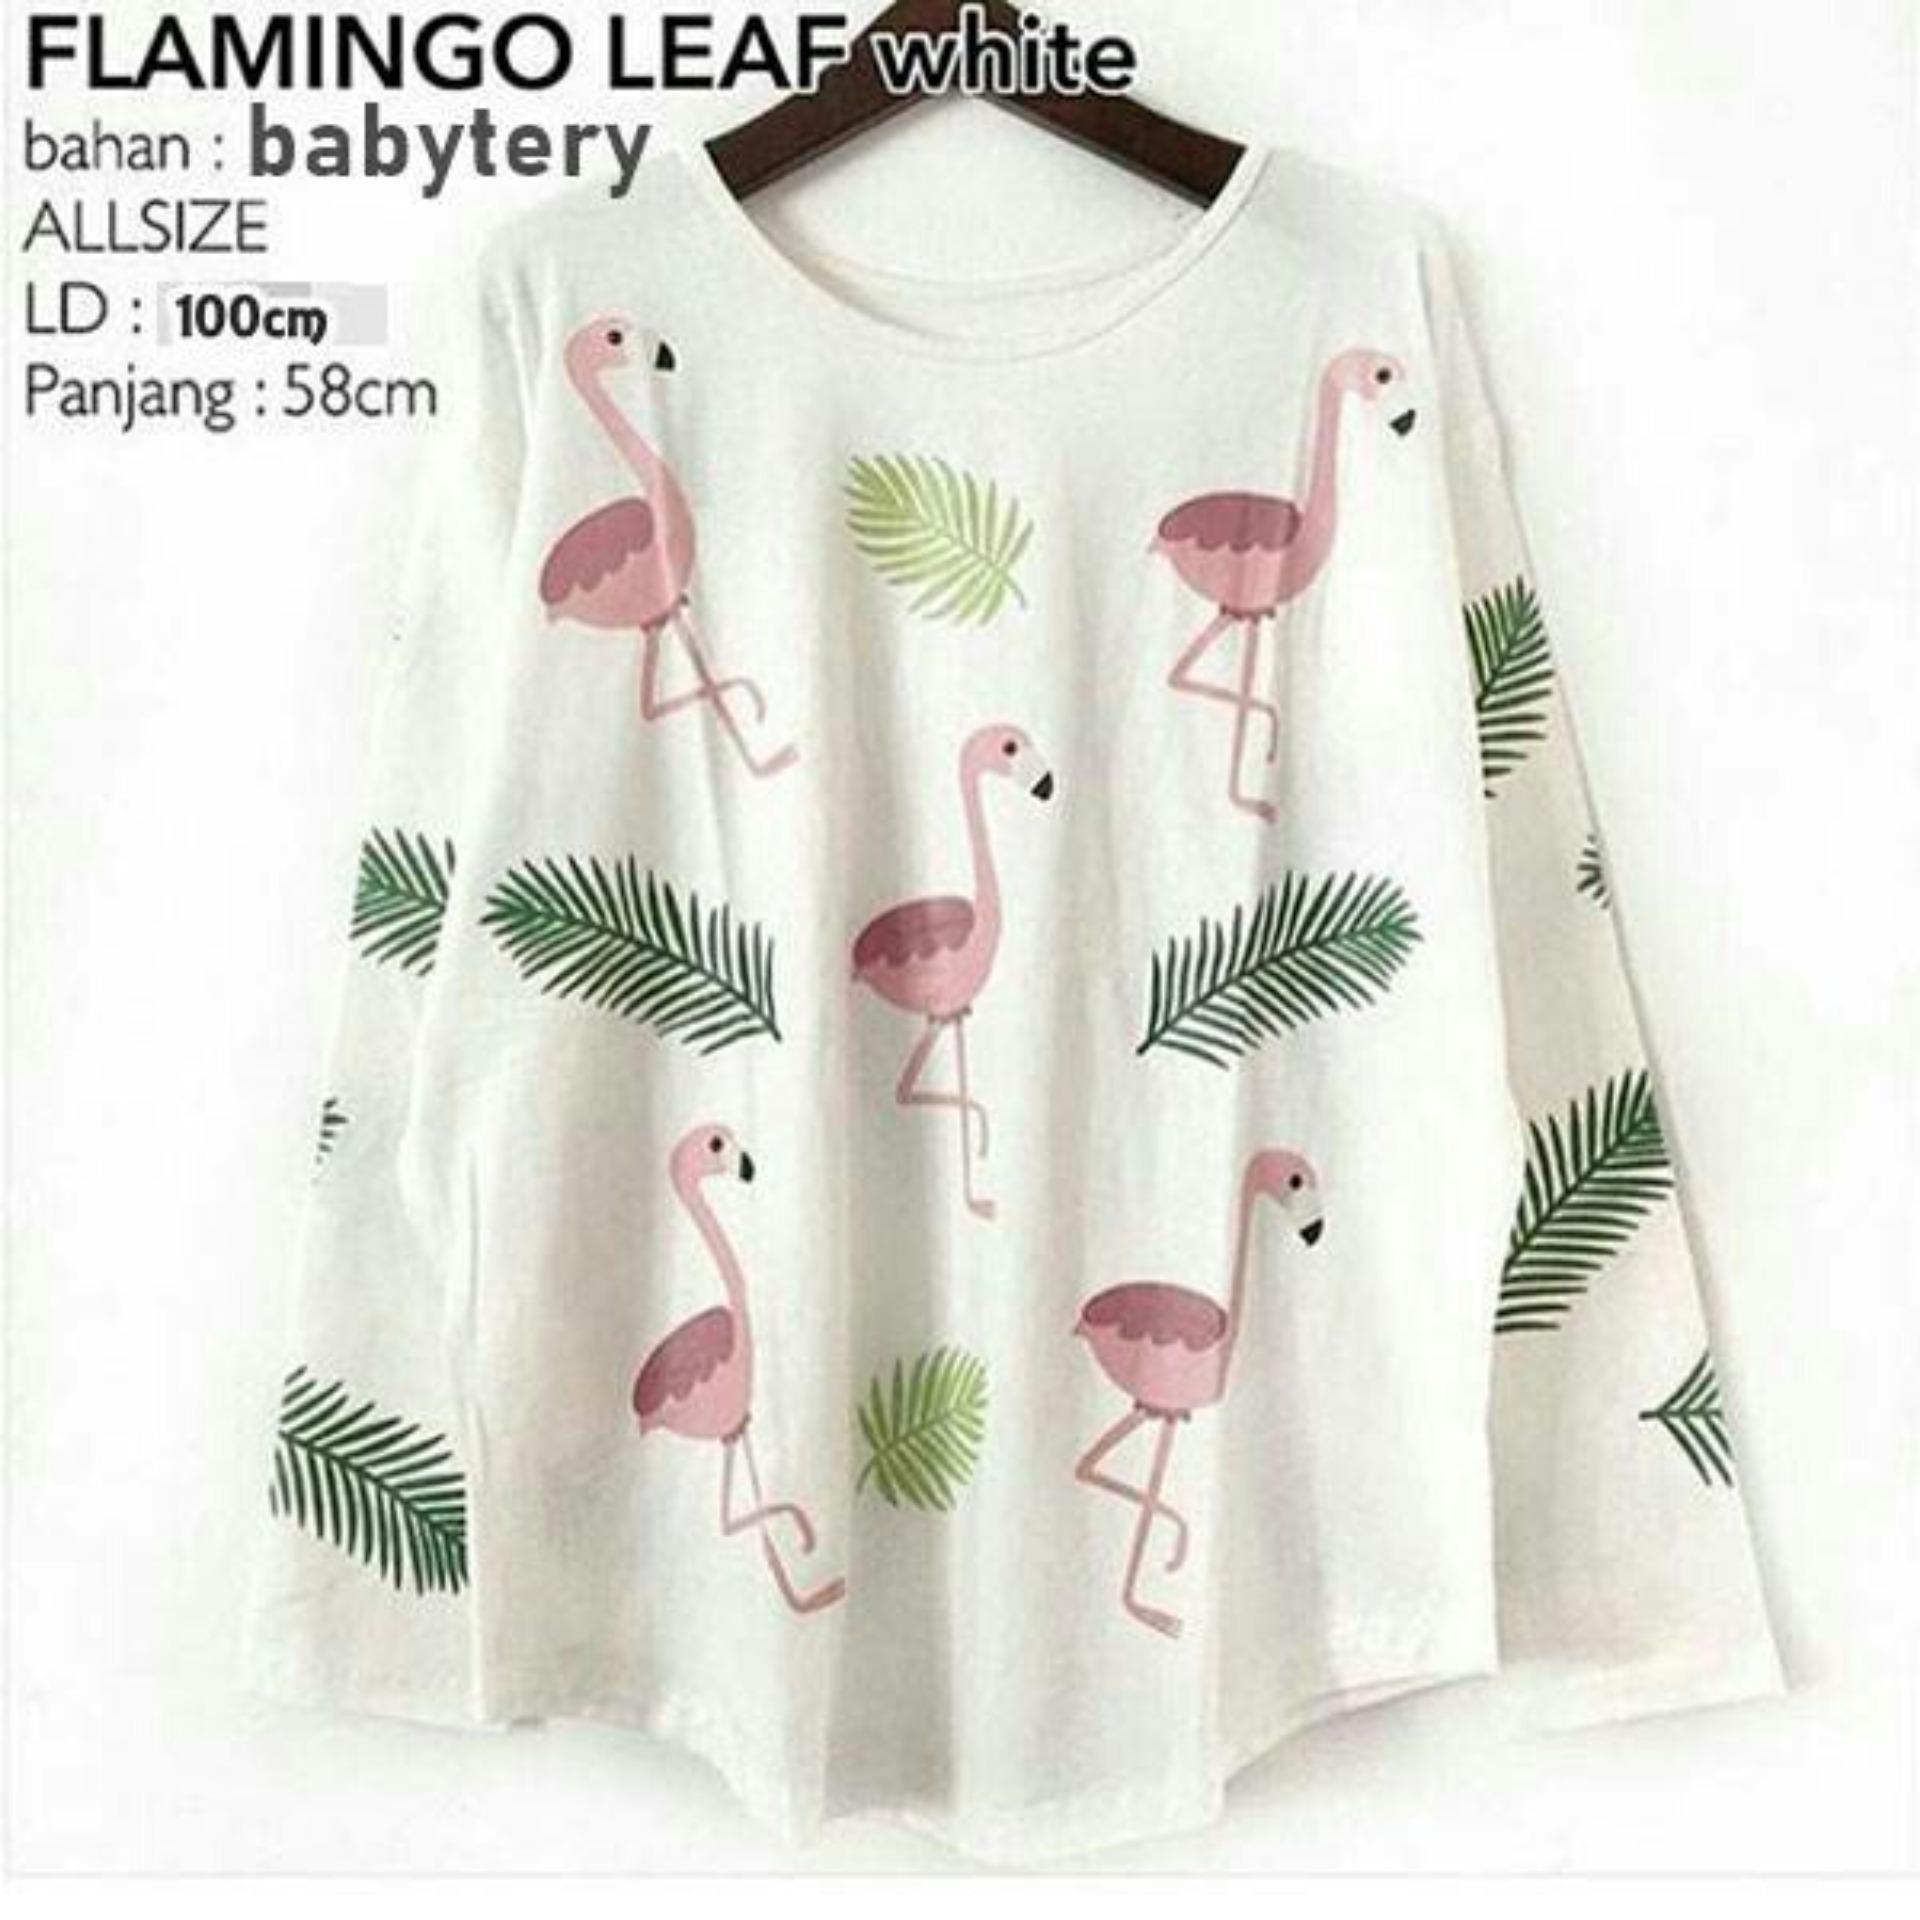 AmorShop Blouse Jumbo Flamingo Leaf Atasan Wanita Blouse Lengan Panjang